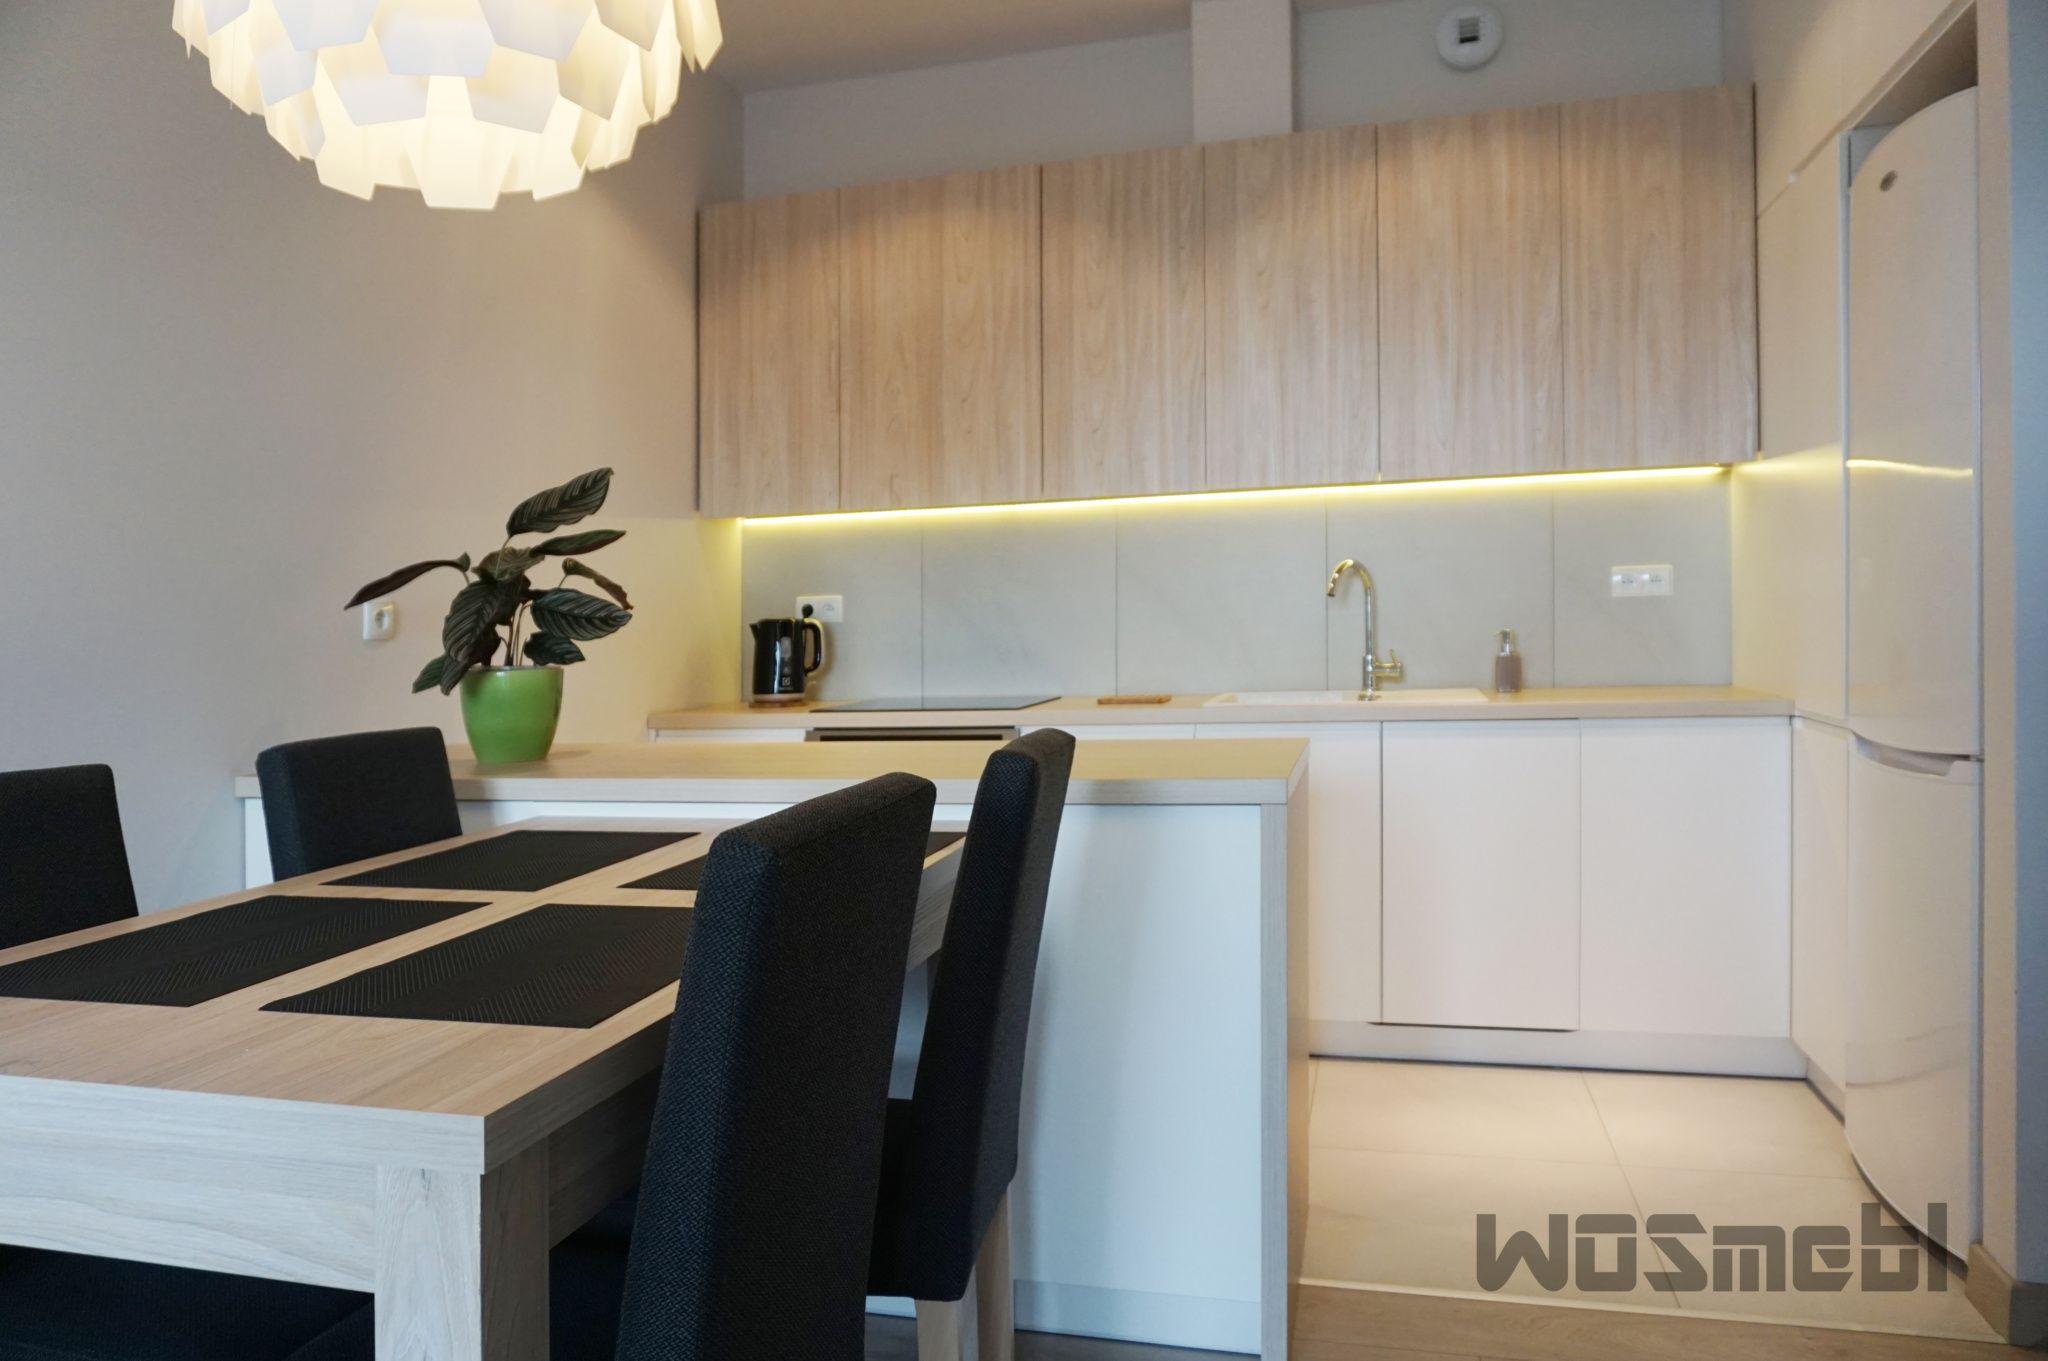 Kuchnia W Neutralnych Barwach Home Decor Kitchen Cabinets Furniture